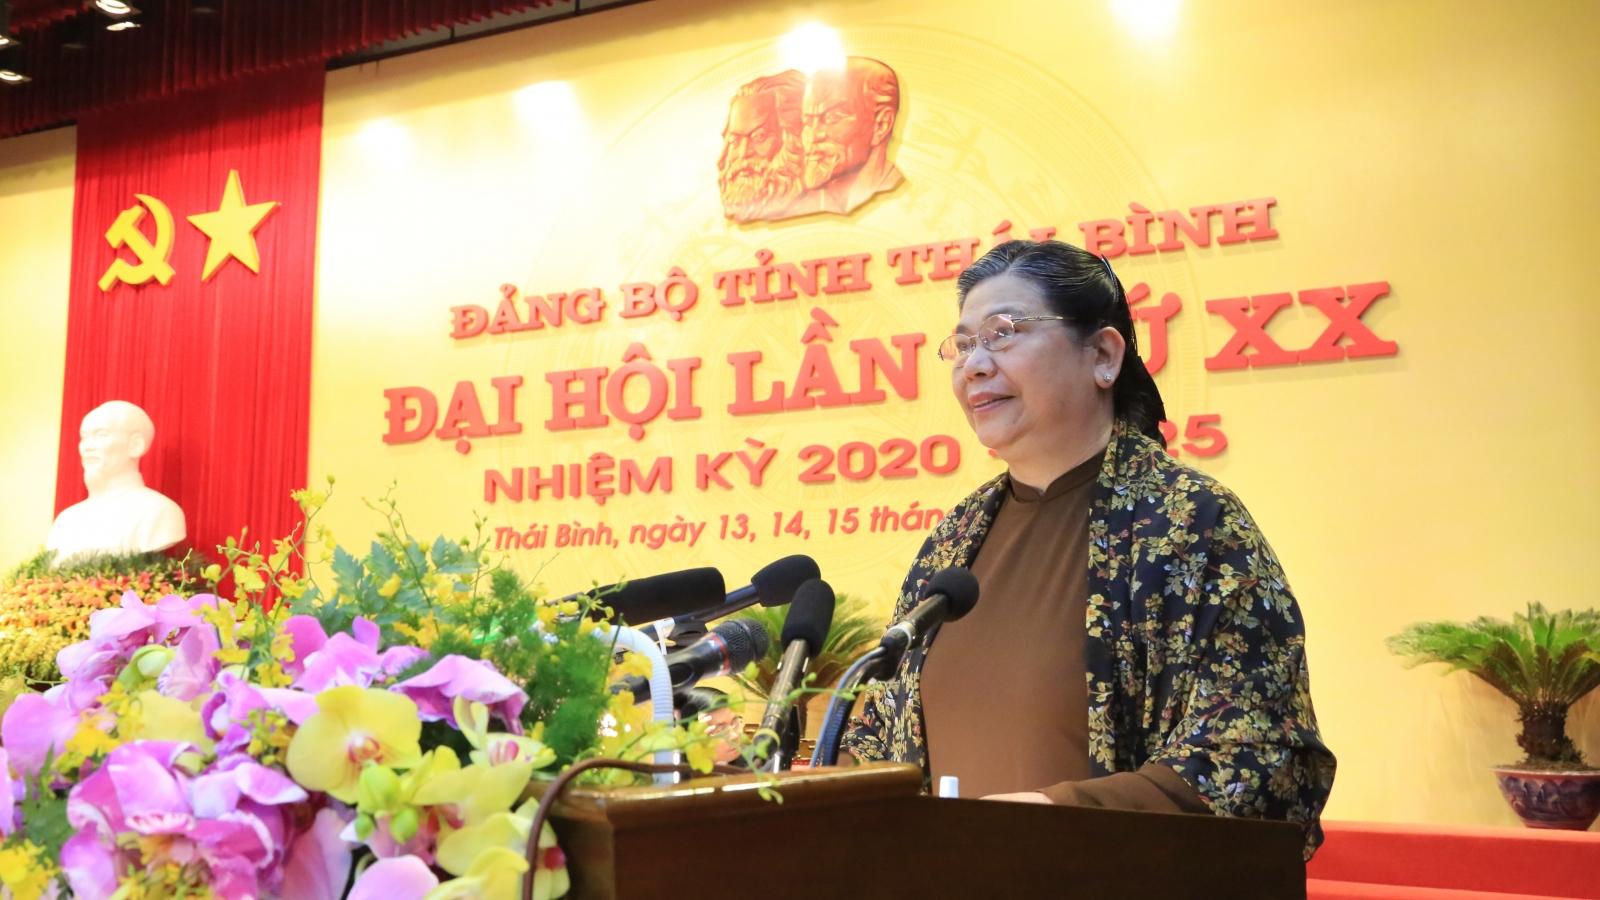 Thái Bình cần coi trọng hơn nữa lĩnh vực nông nghiệp, nông thôn, nông dân